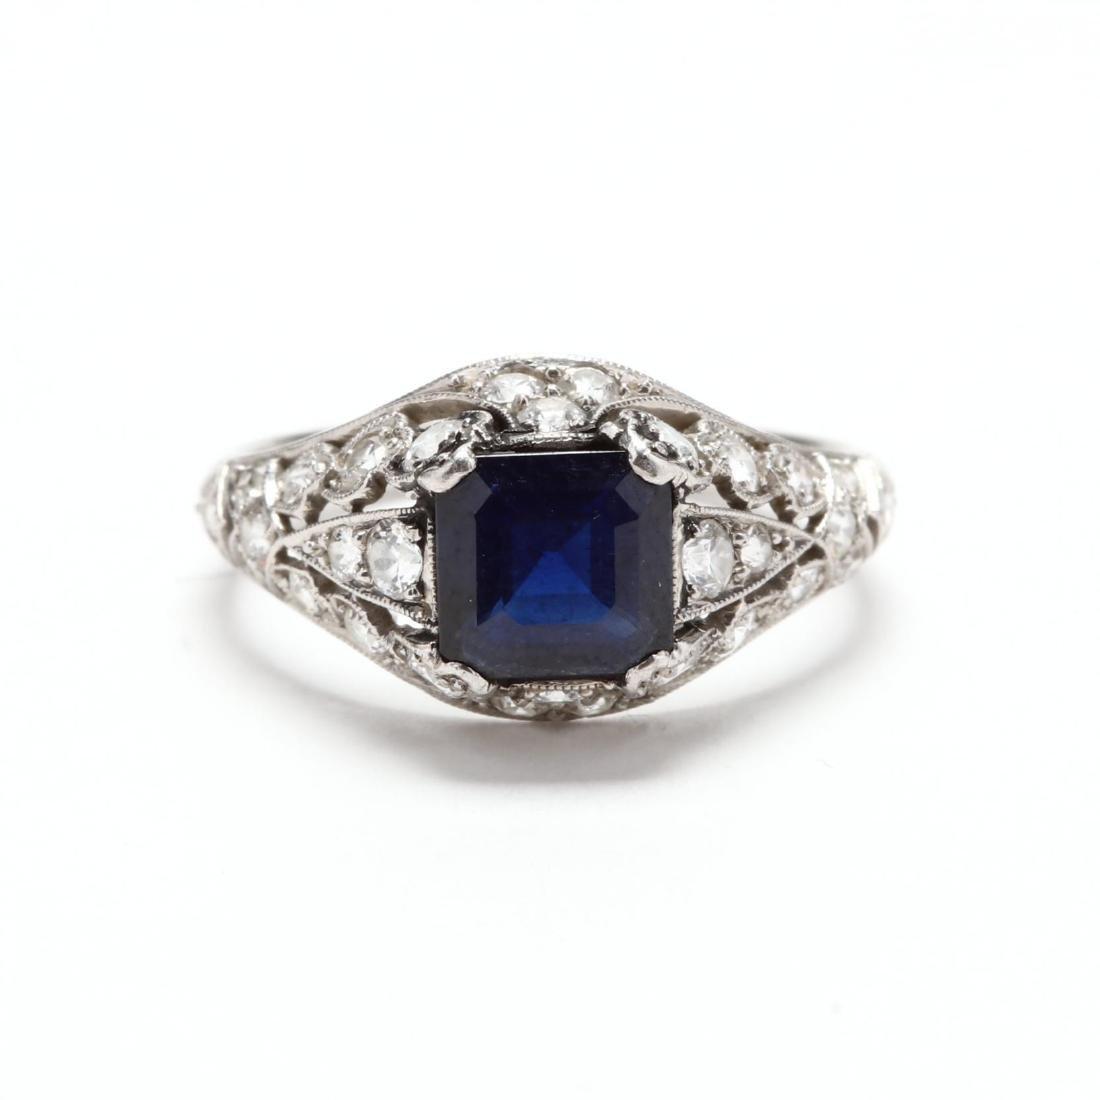 Antique Platinum, Sapphire, and Diamond Ring